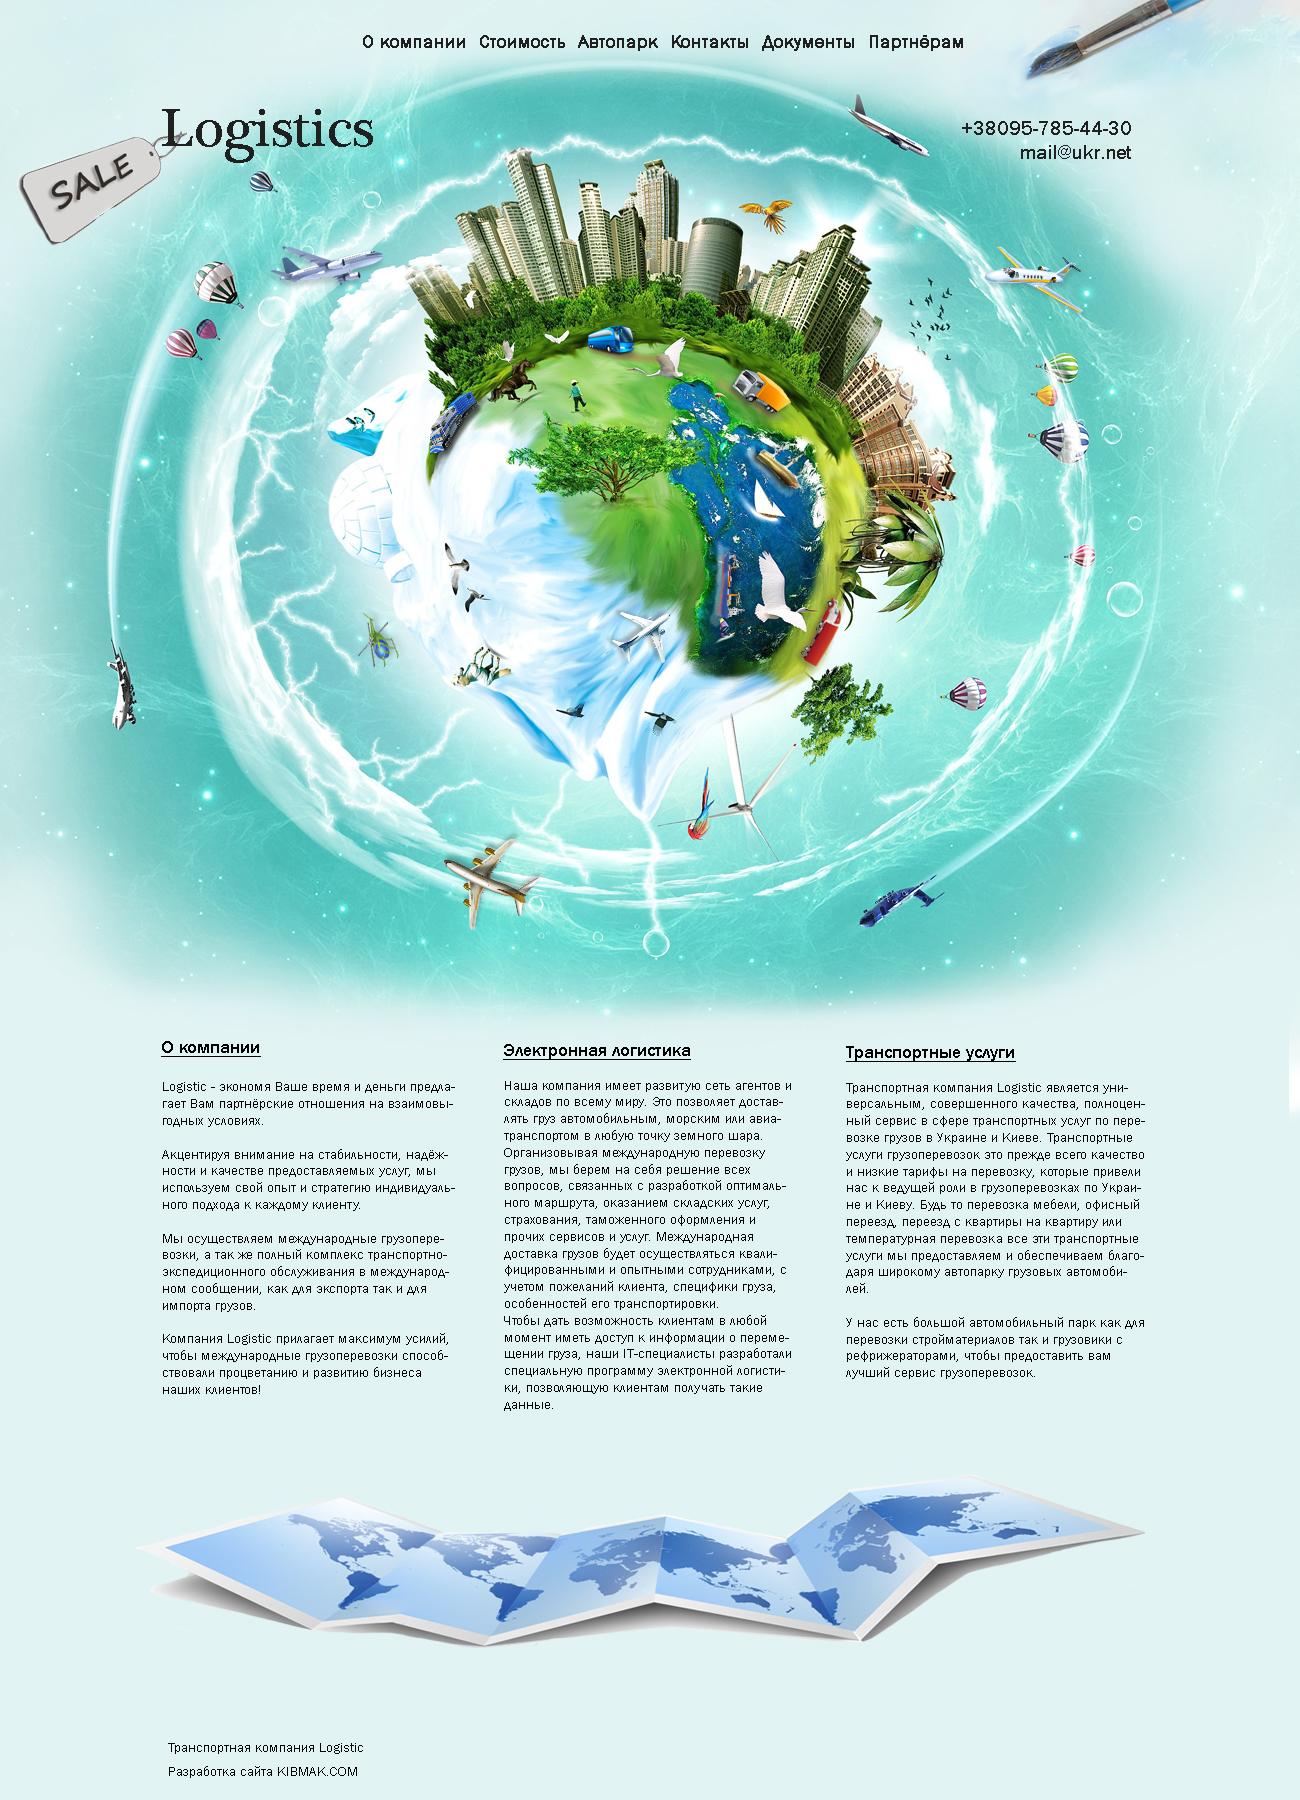 Дизайн для сайта компании грузоперевозок